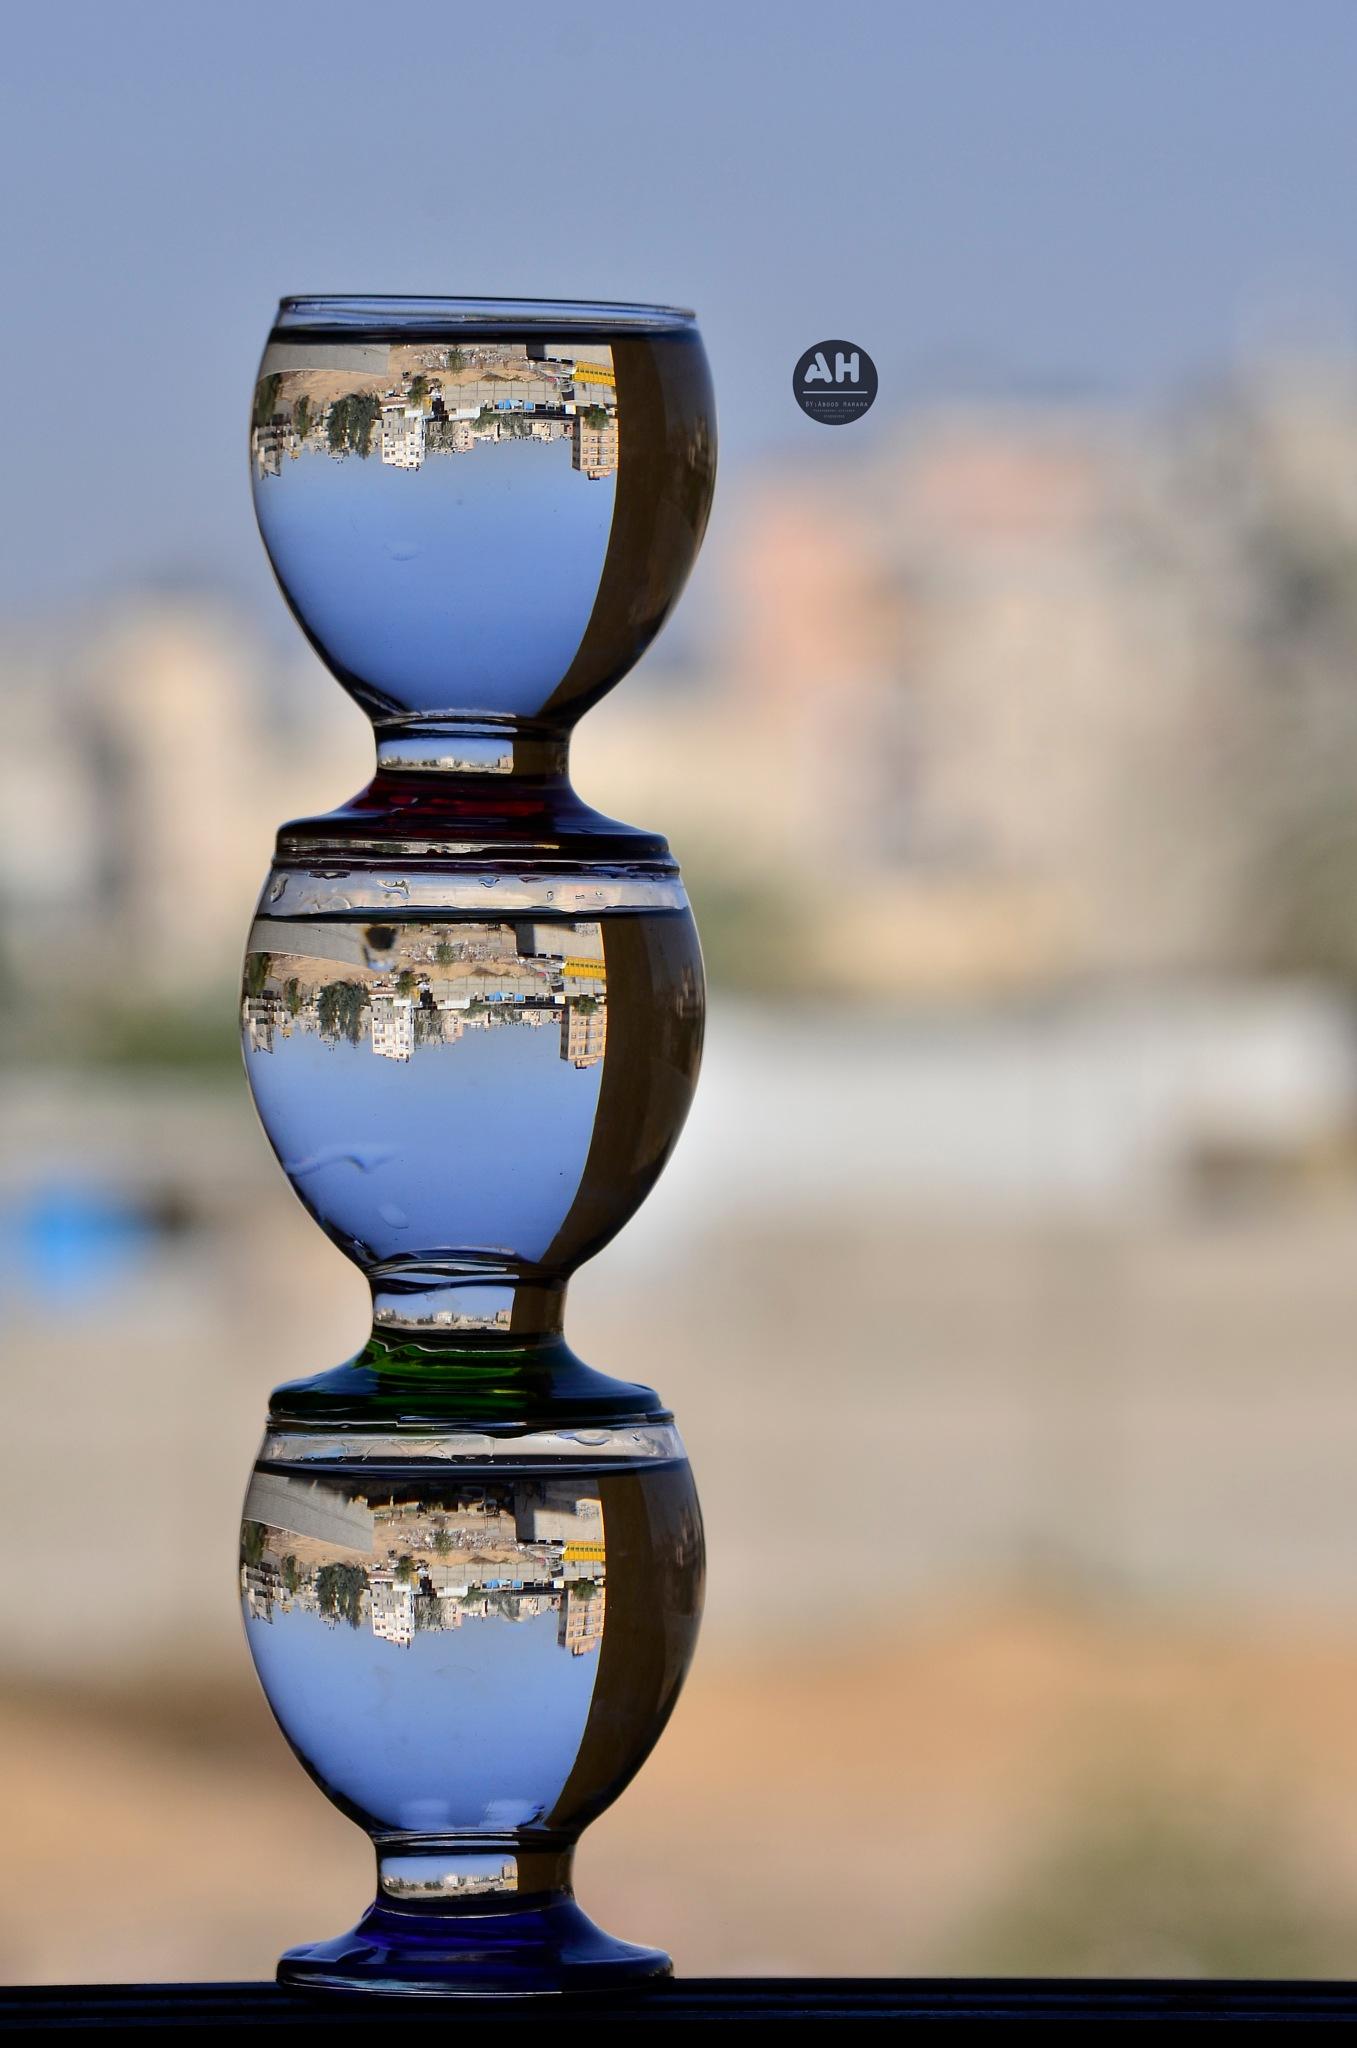 Untitled by Abood Samir Harara